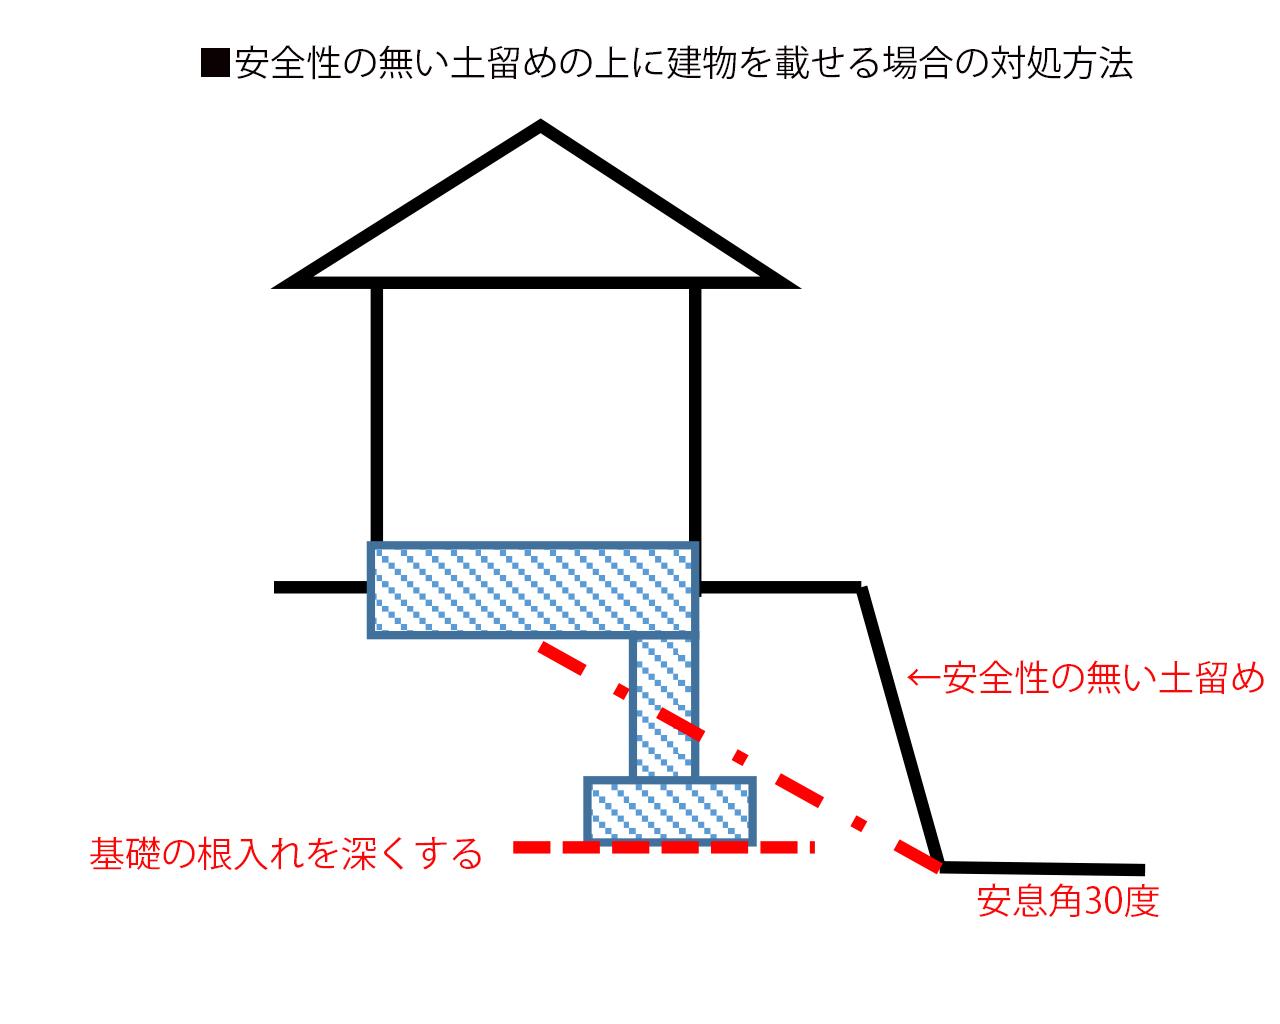 土留めの一番下から安息角を考慮して、家の基礎を深く入れる方法